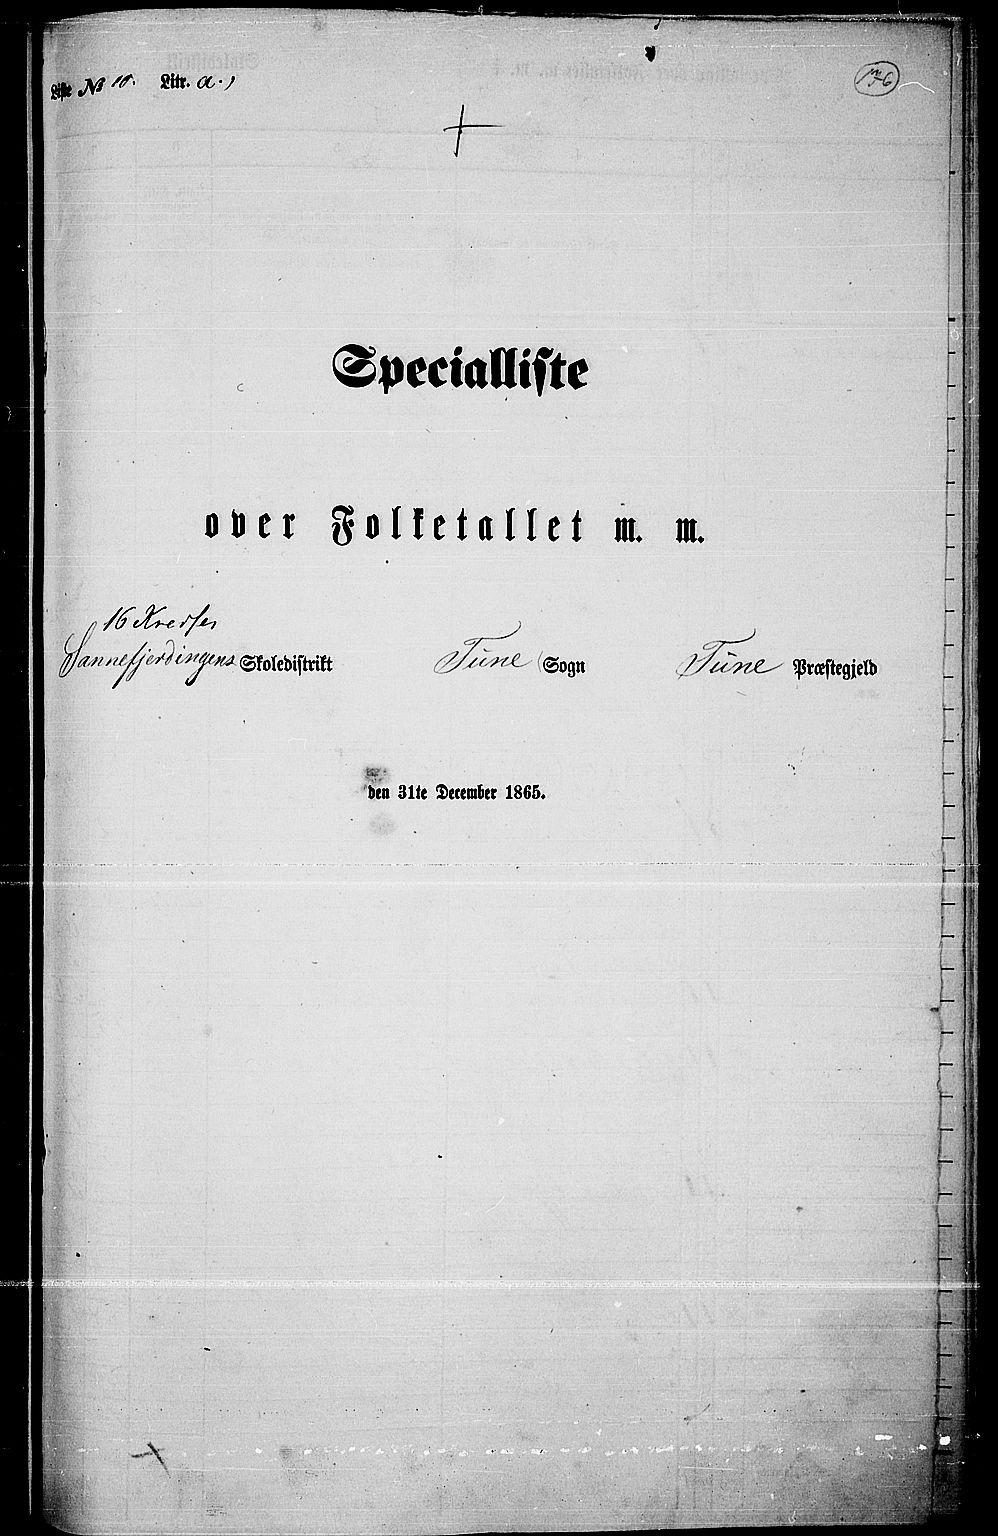 RA, Folketelling 1865 for 0130P Tune prestegjeld, 1865, s. 249